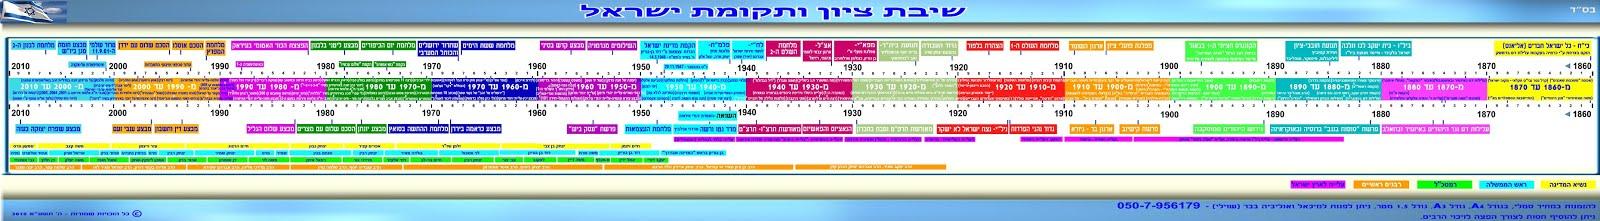 שיבת ציון ותקומת ישראל